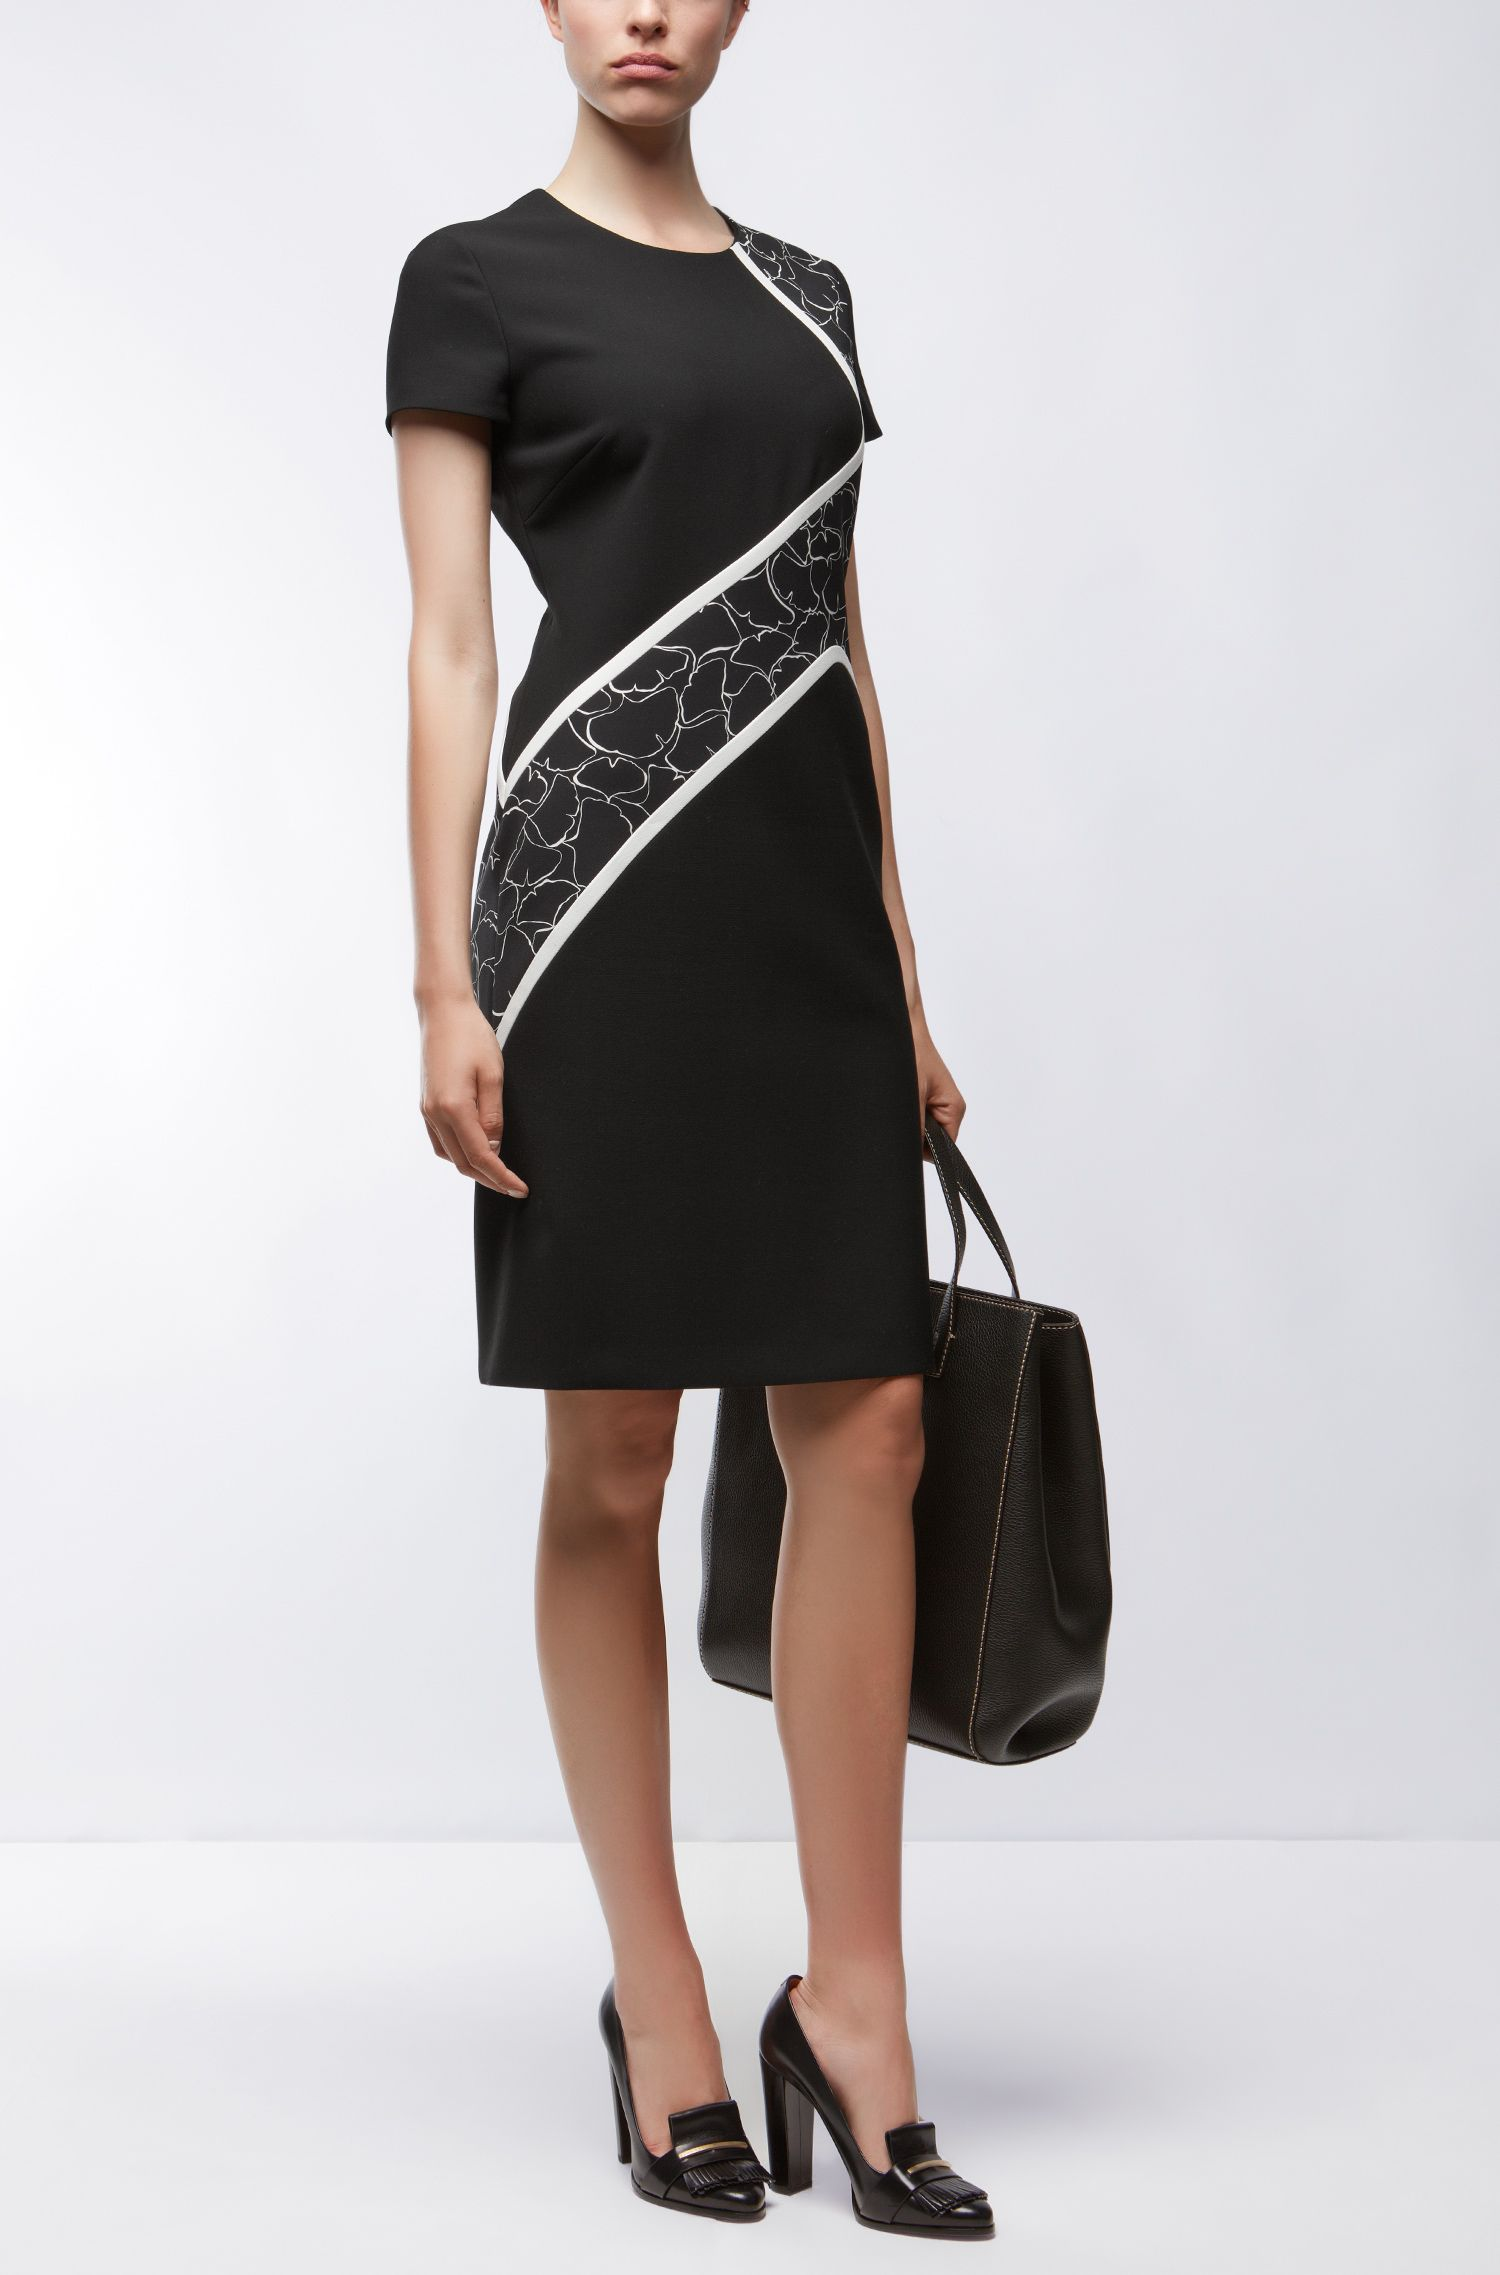 Ginkgo-Print Stretch Sheath Dress | Dukatia, Black